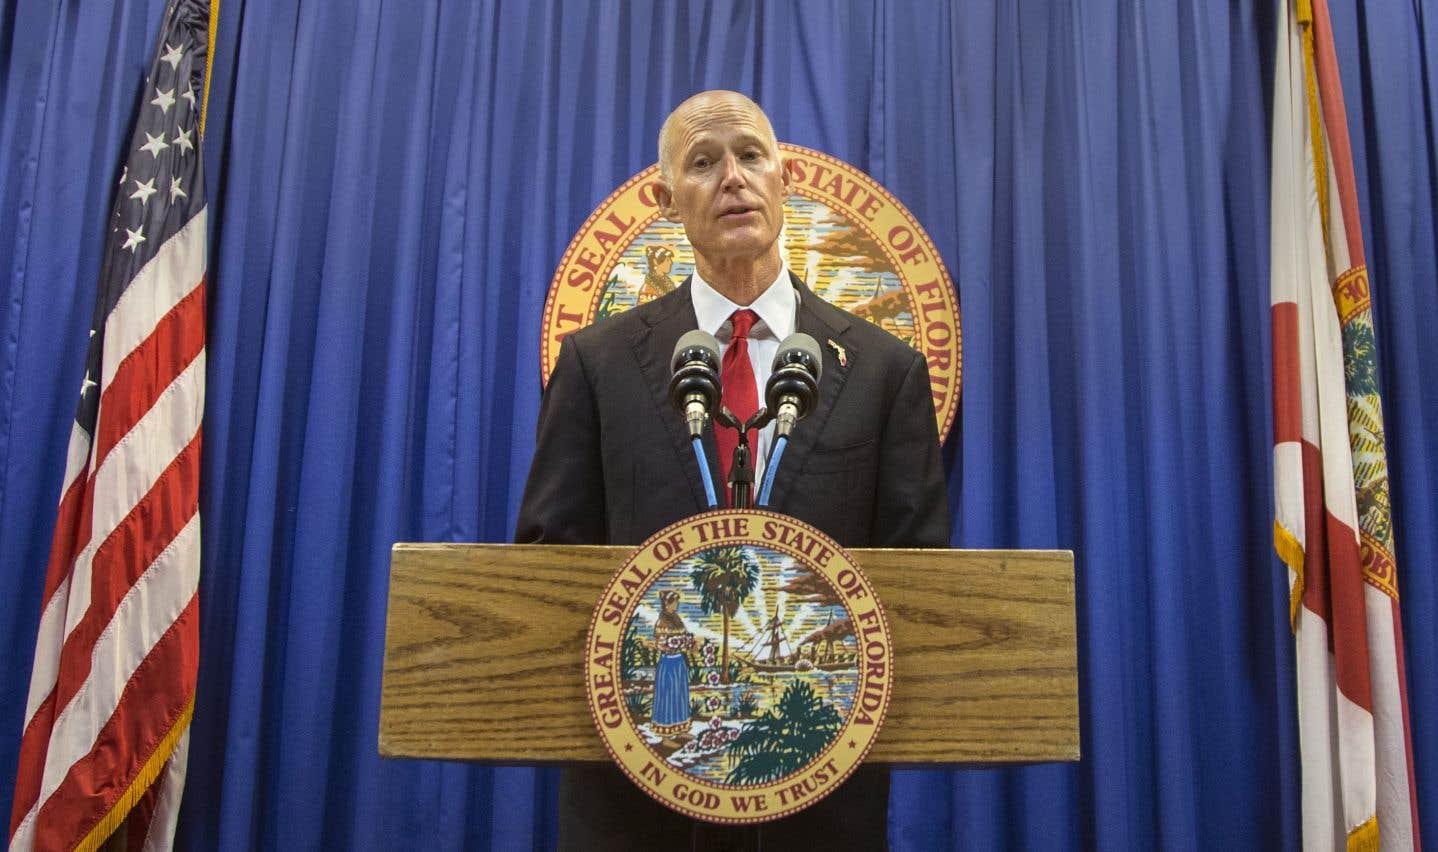 Le gouverneur républicainRick Scott s'est prononcé pour un relèvement à 21ans de l'âge légal pour acheter une arme.